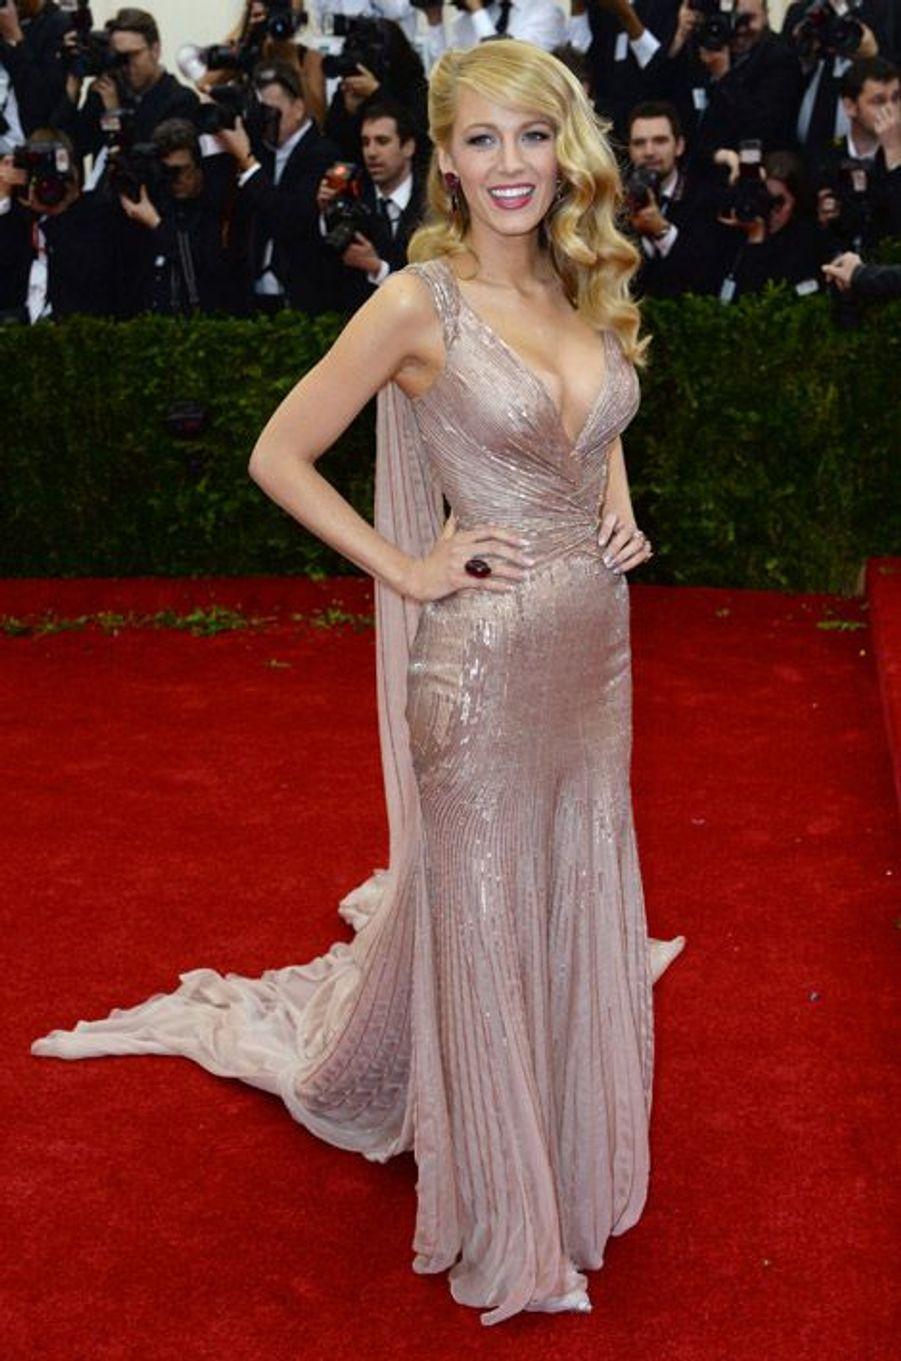 L'actrice Blake Lively au gala du Met en Gucci Première à New York, le 5 mai 2014